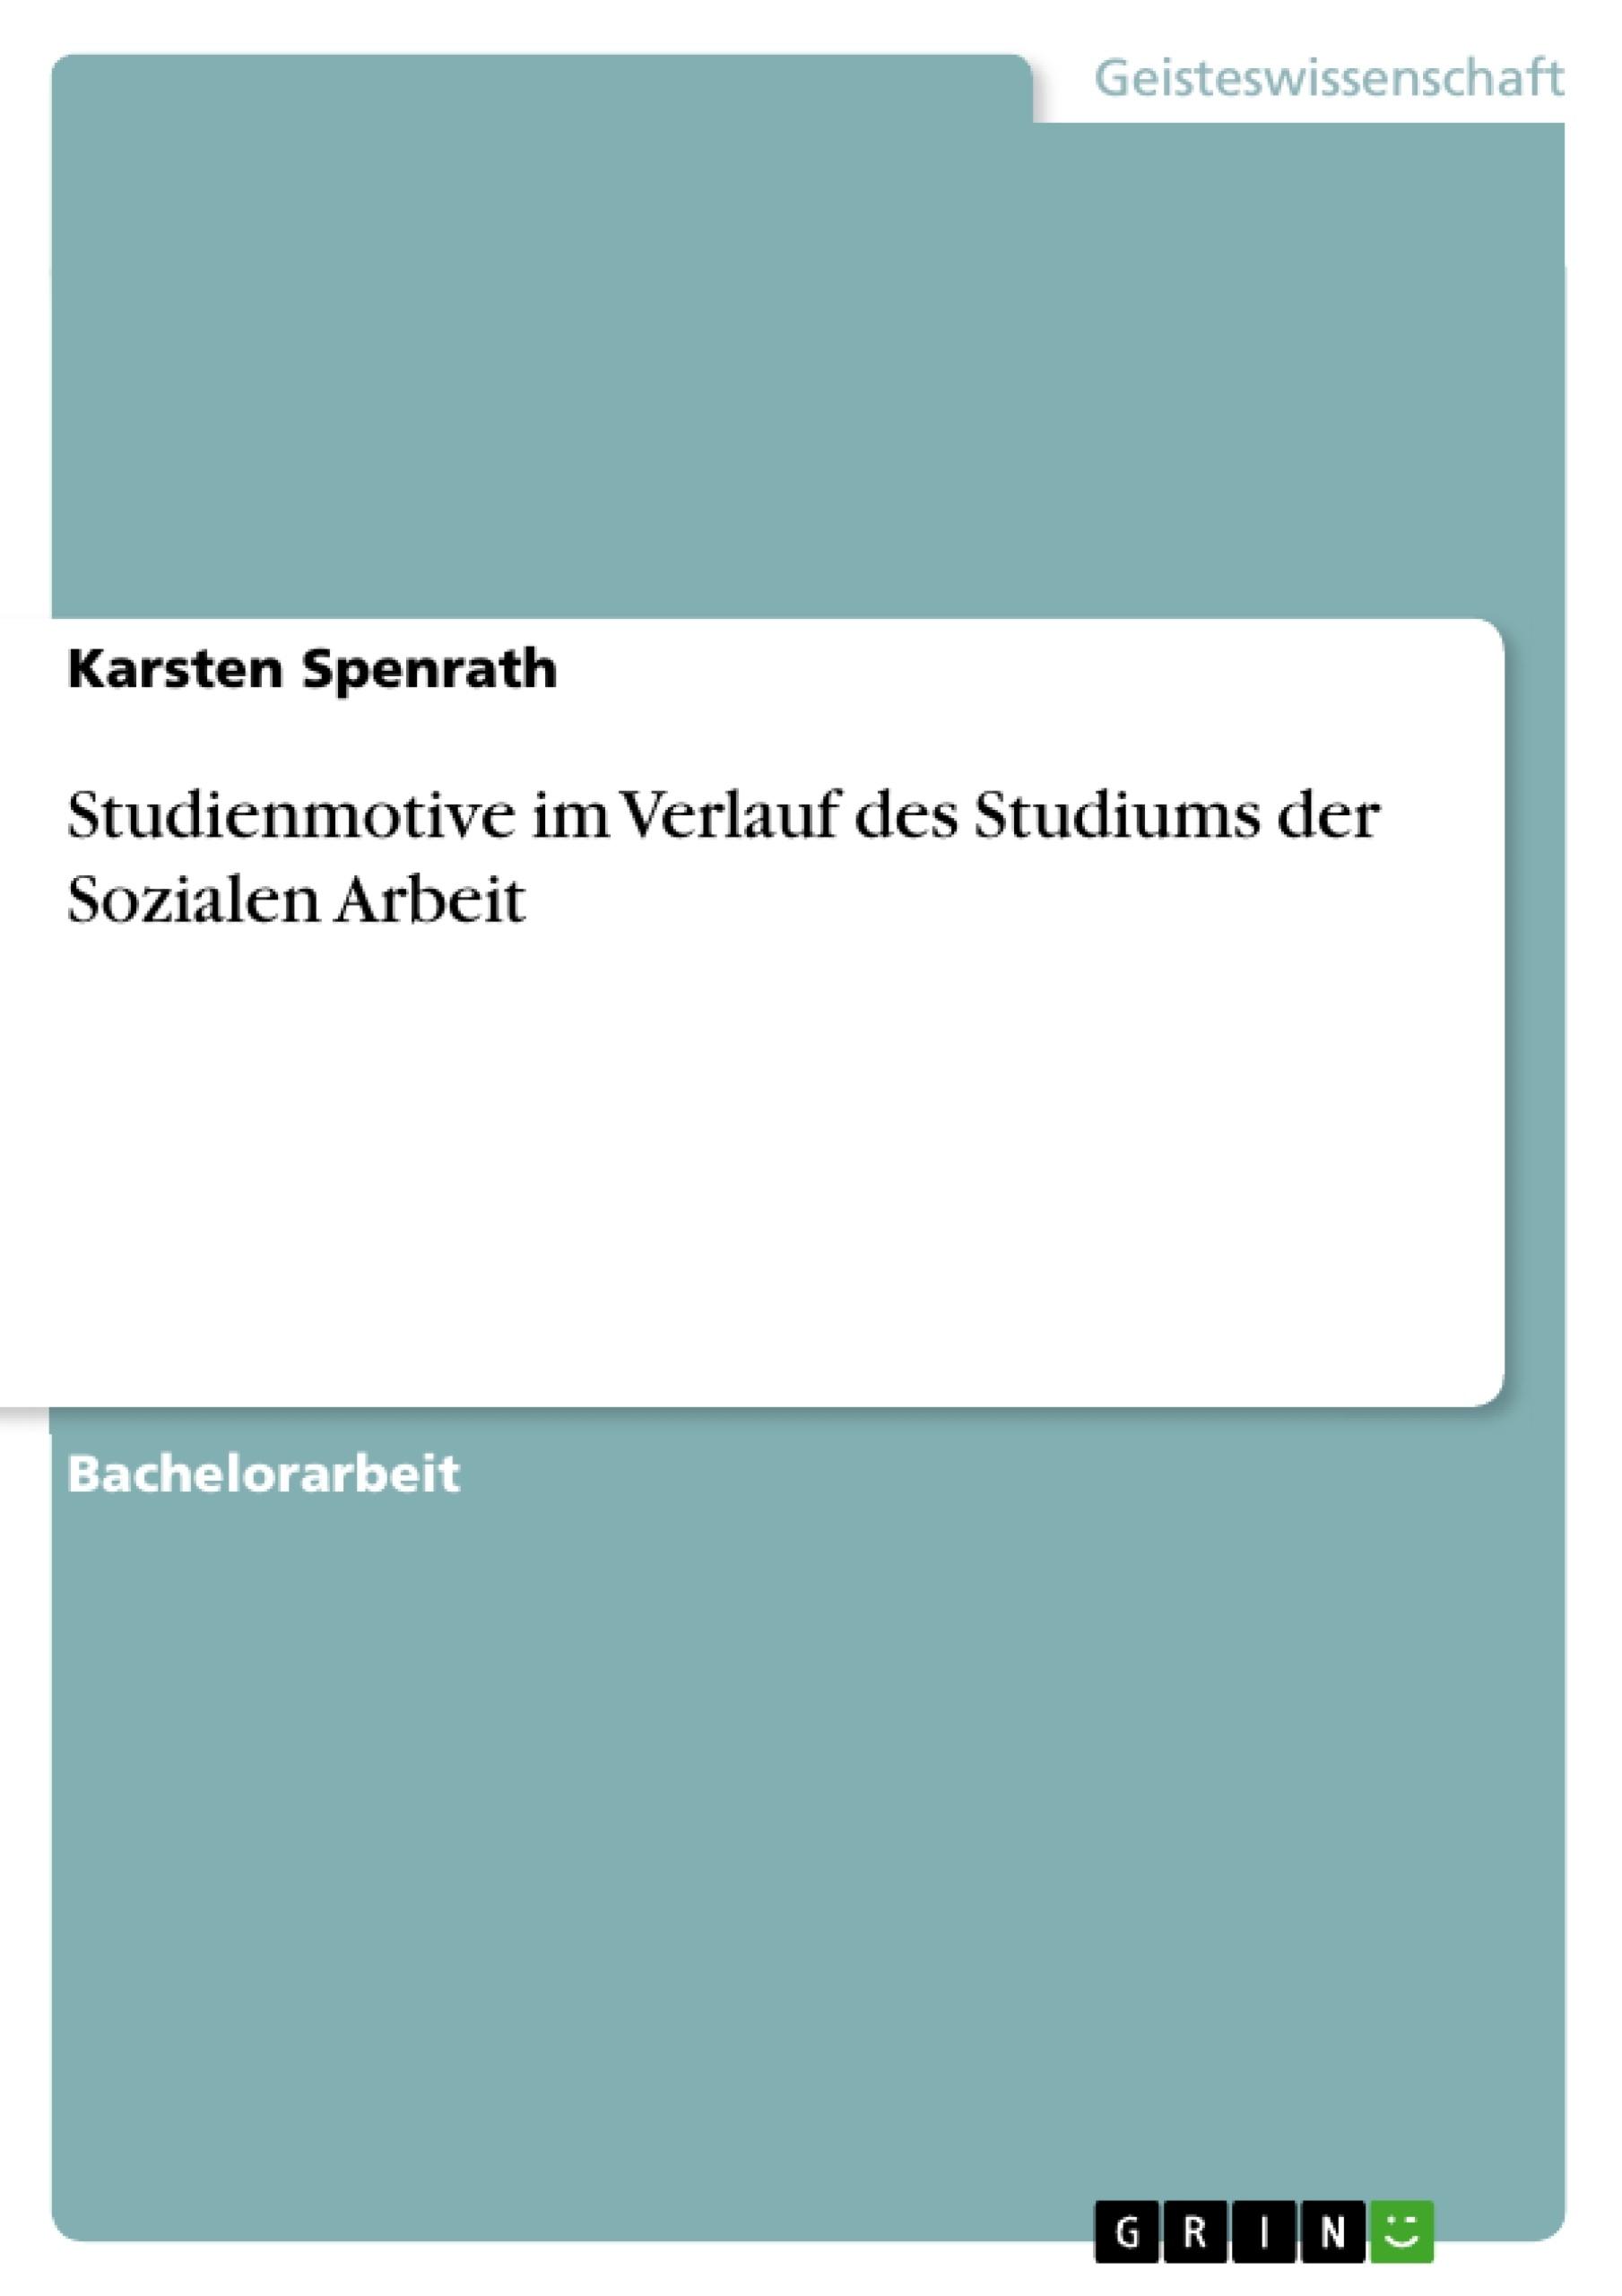 Titel: Studienmotive im Verlauf des Studiums der Sozialen Arbeit